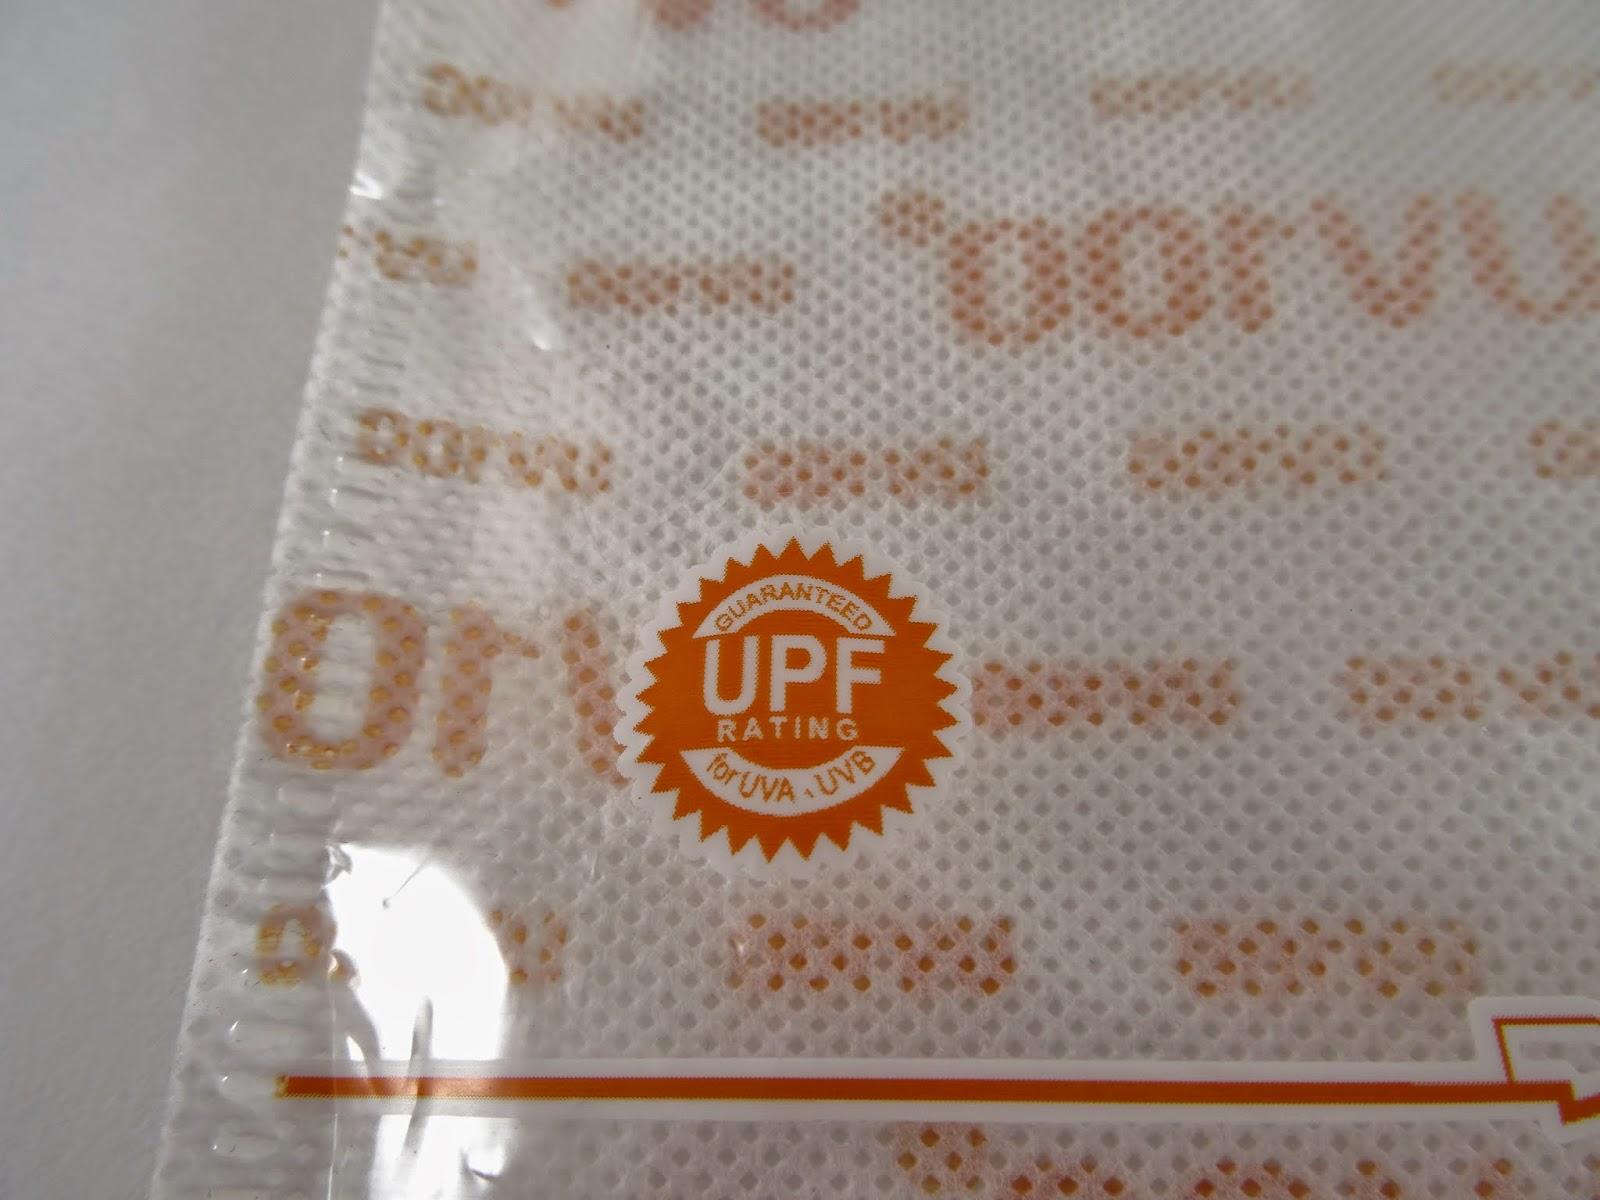 UPF 50+ FOR UVA UVB